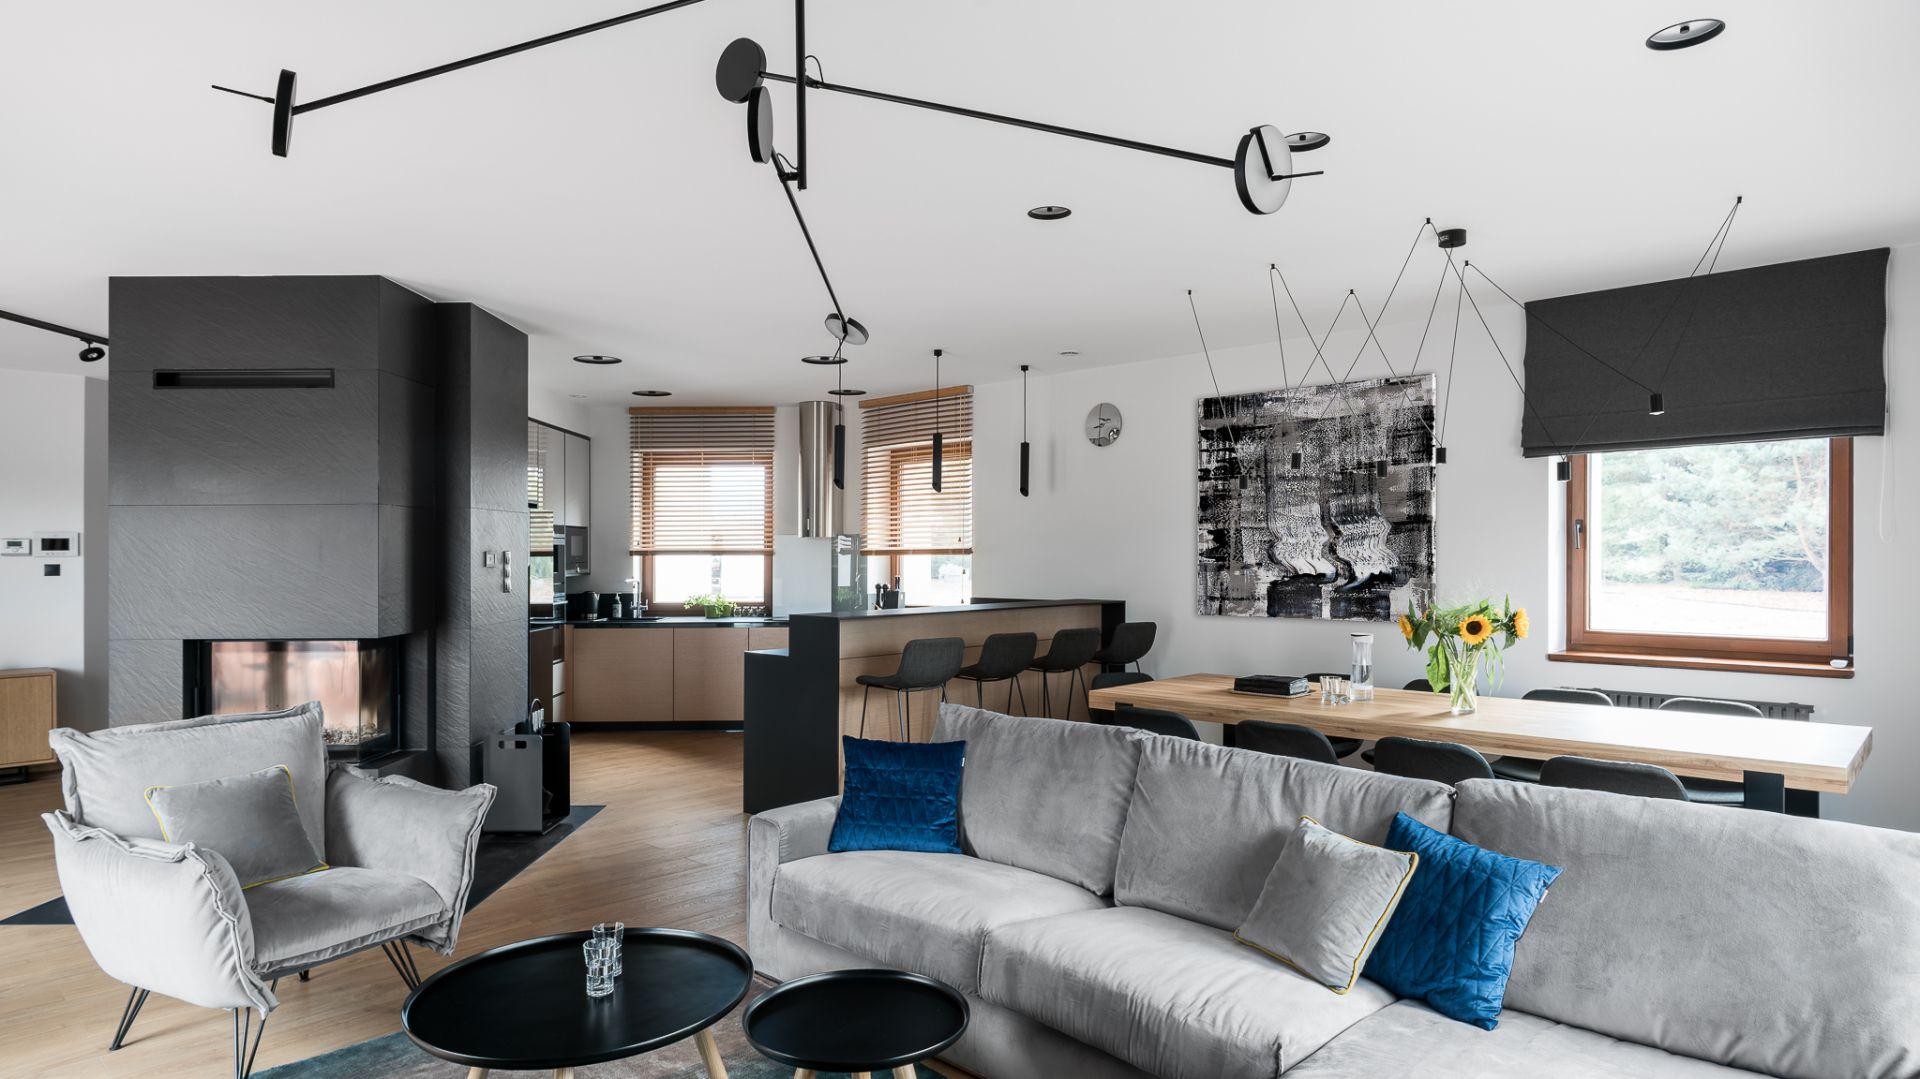 Kuchnię od strony salonu przesłania długi półwysep mogący służyć jako domowy bar dla czterech osób.Projekt: Estera i Robert Sosnowscy. Fot. FotoMohito